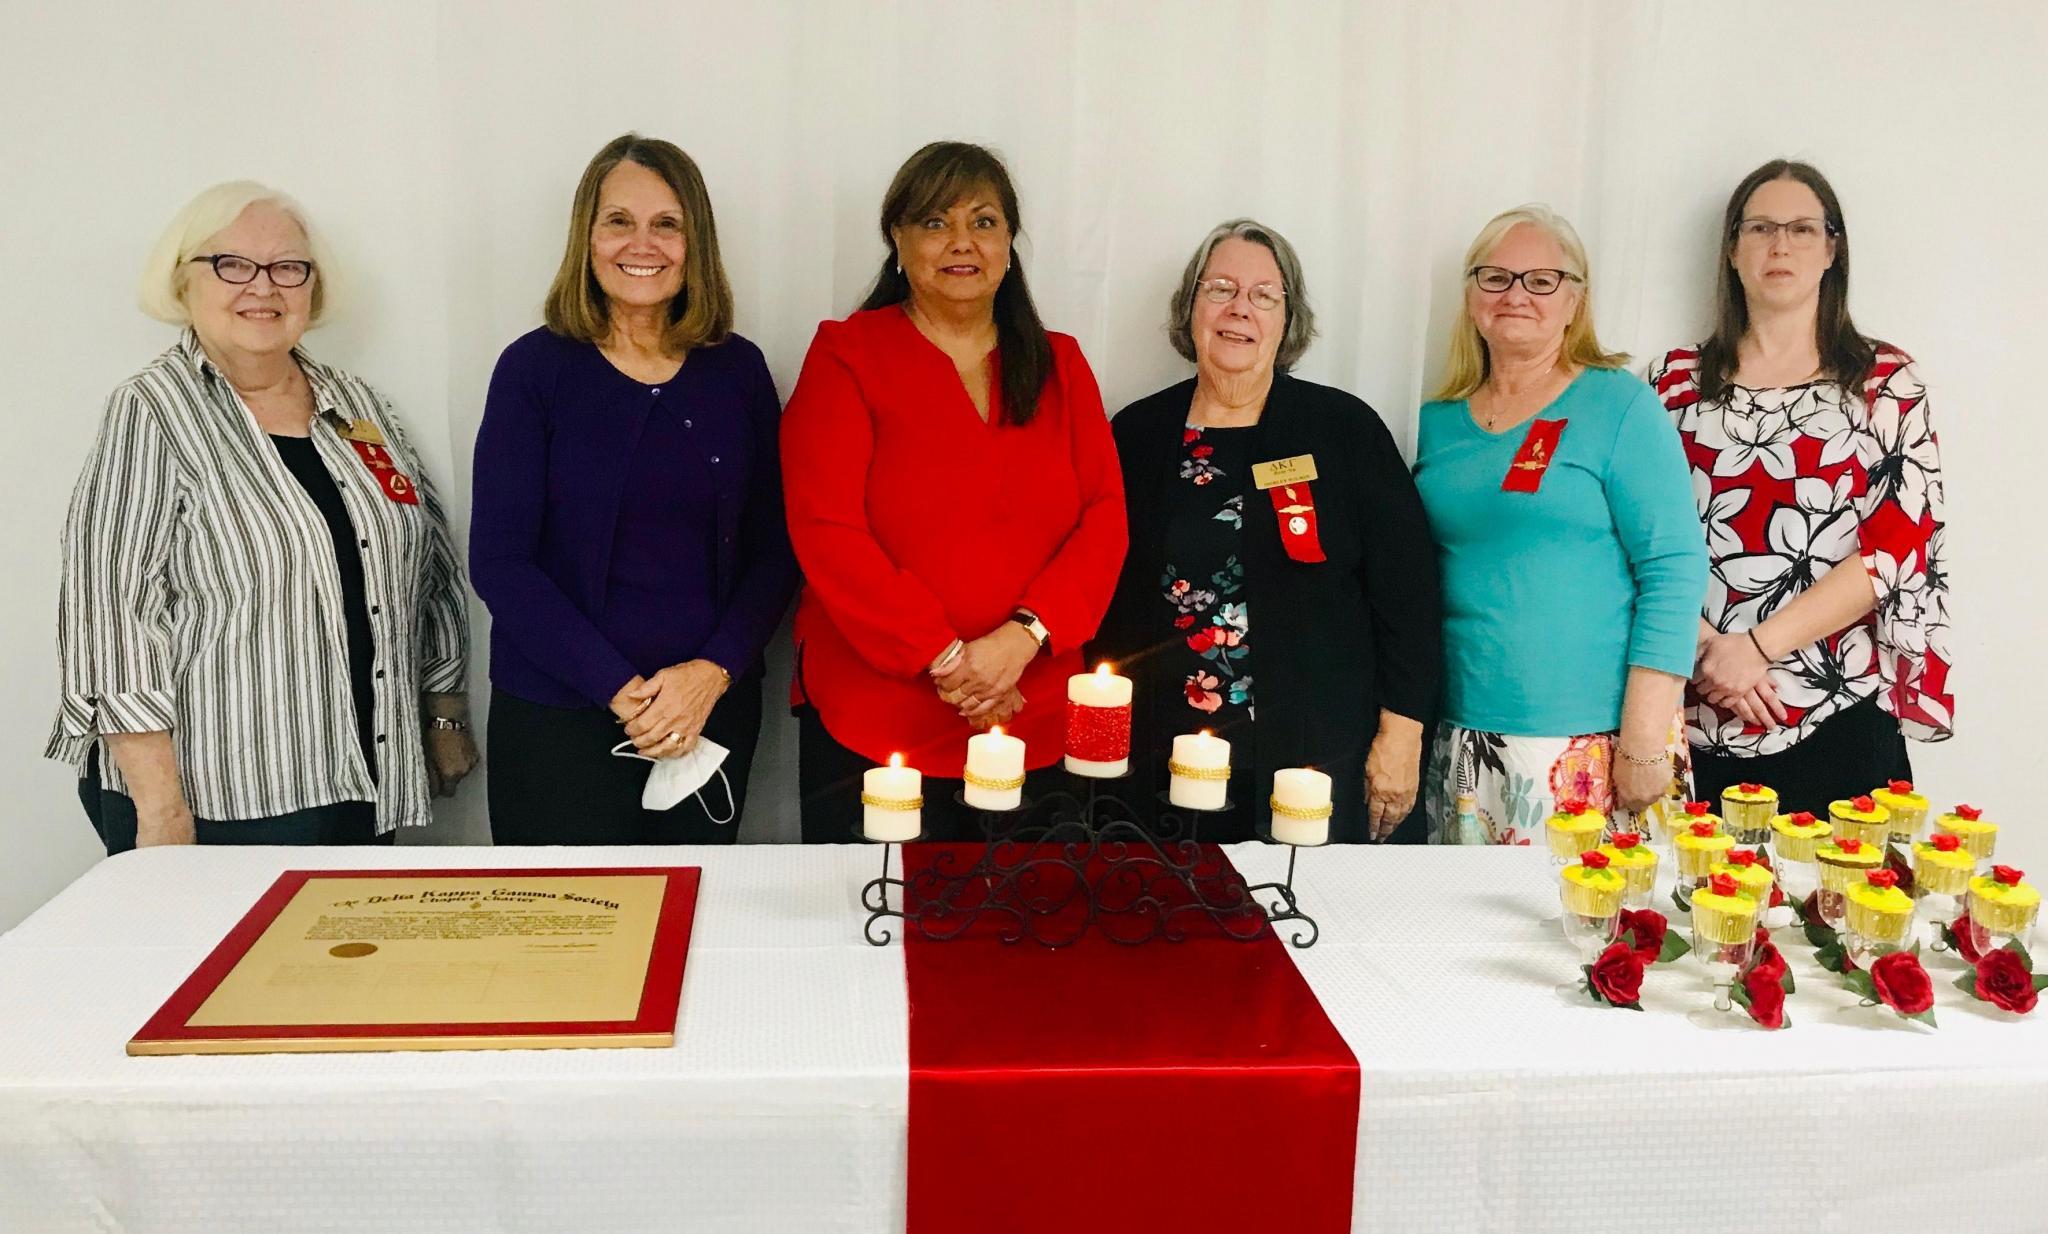 DKG Society International Beta Nu Chapter(L-R) Phyllis Macmillan, Dr. Marlene Zipperlen, Letitia Estep, Shirley Wilson, Sheila Lawson, Misty Ehlers